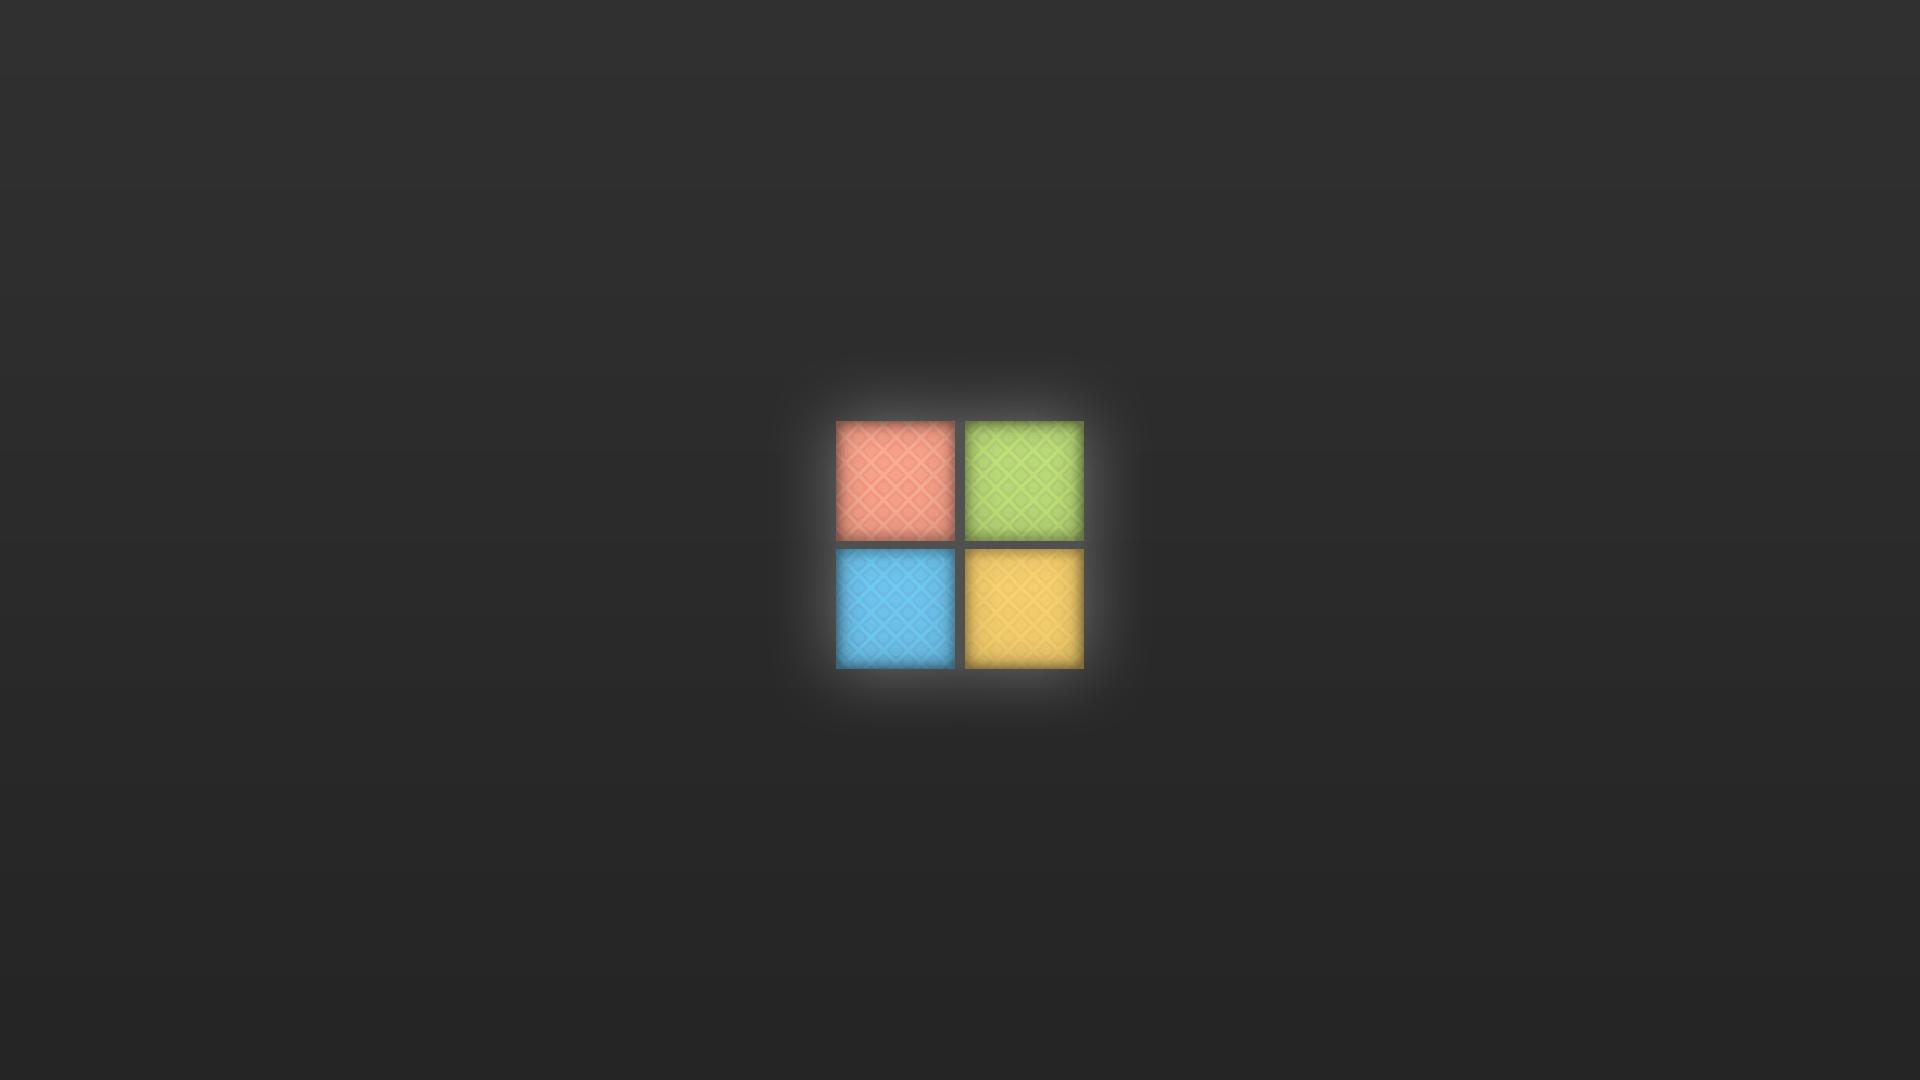 Microsoft wallpapers wallpaper cave - Microsoft wallpaper ...